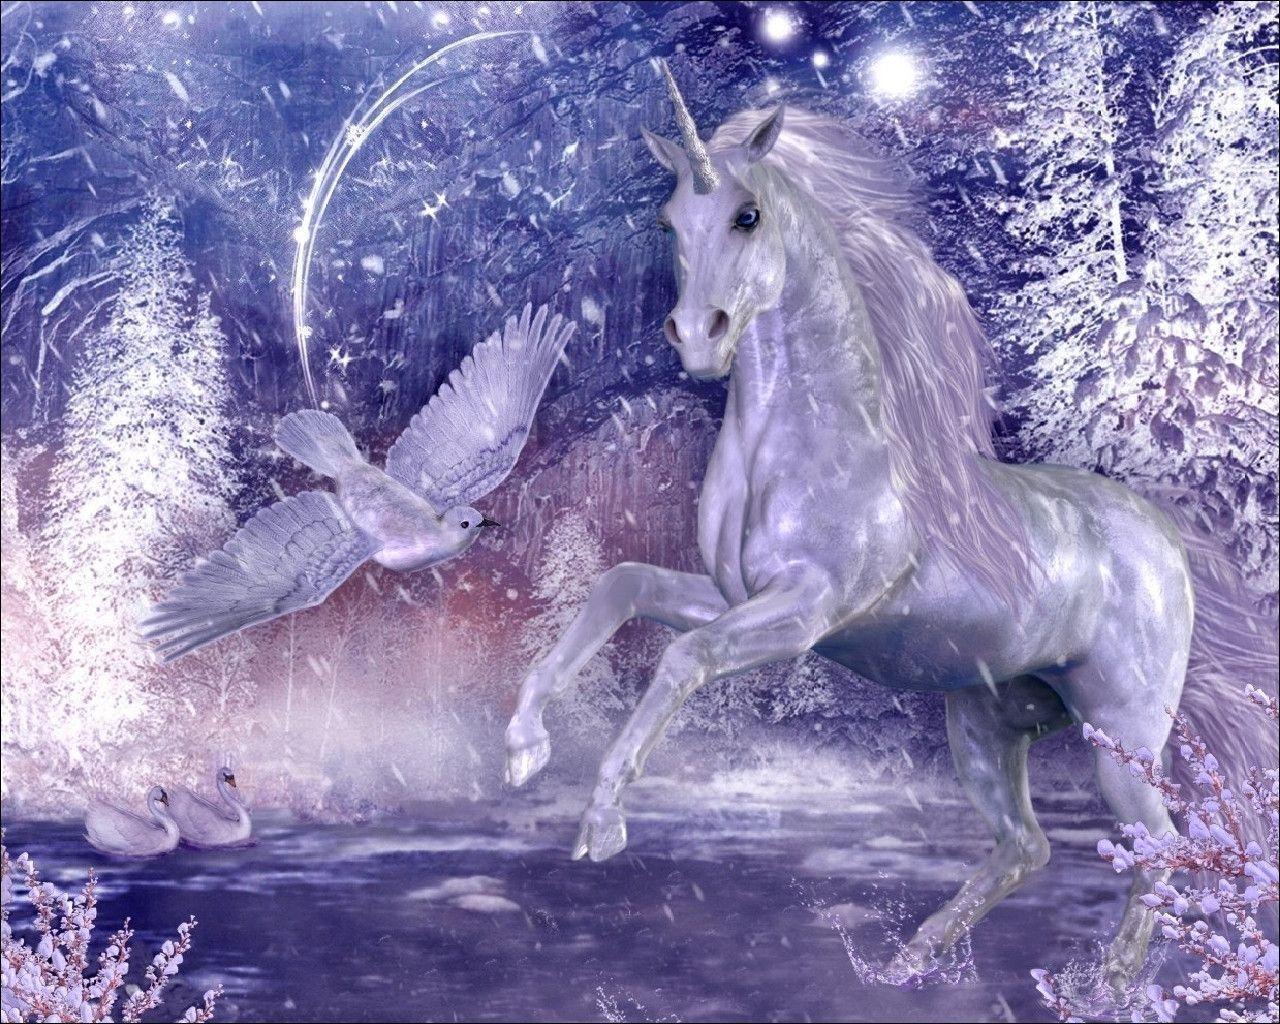 jerrys unicorns wallpaper page - photo #30